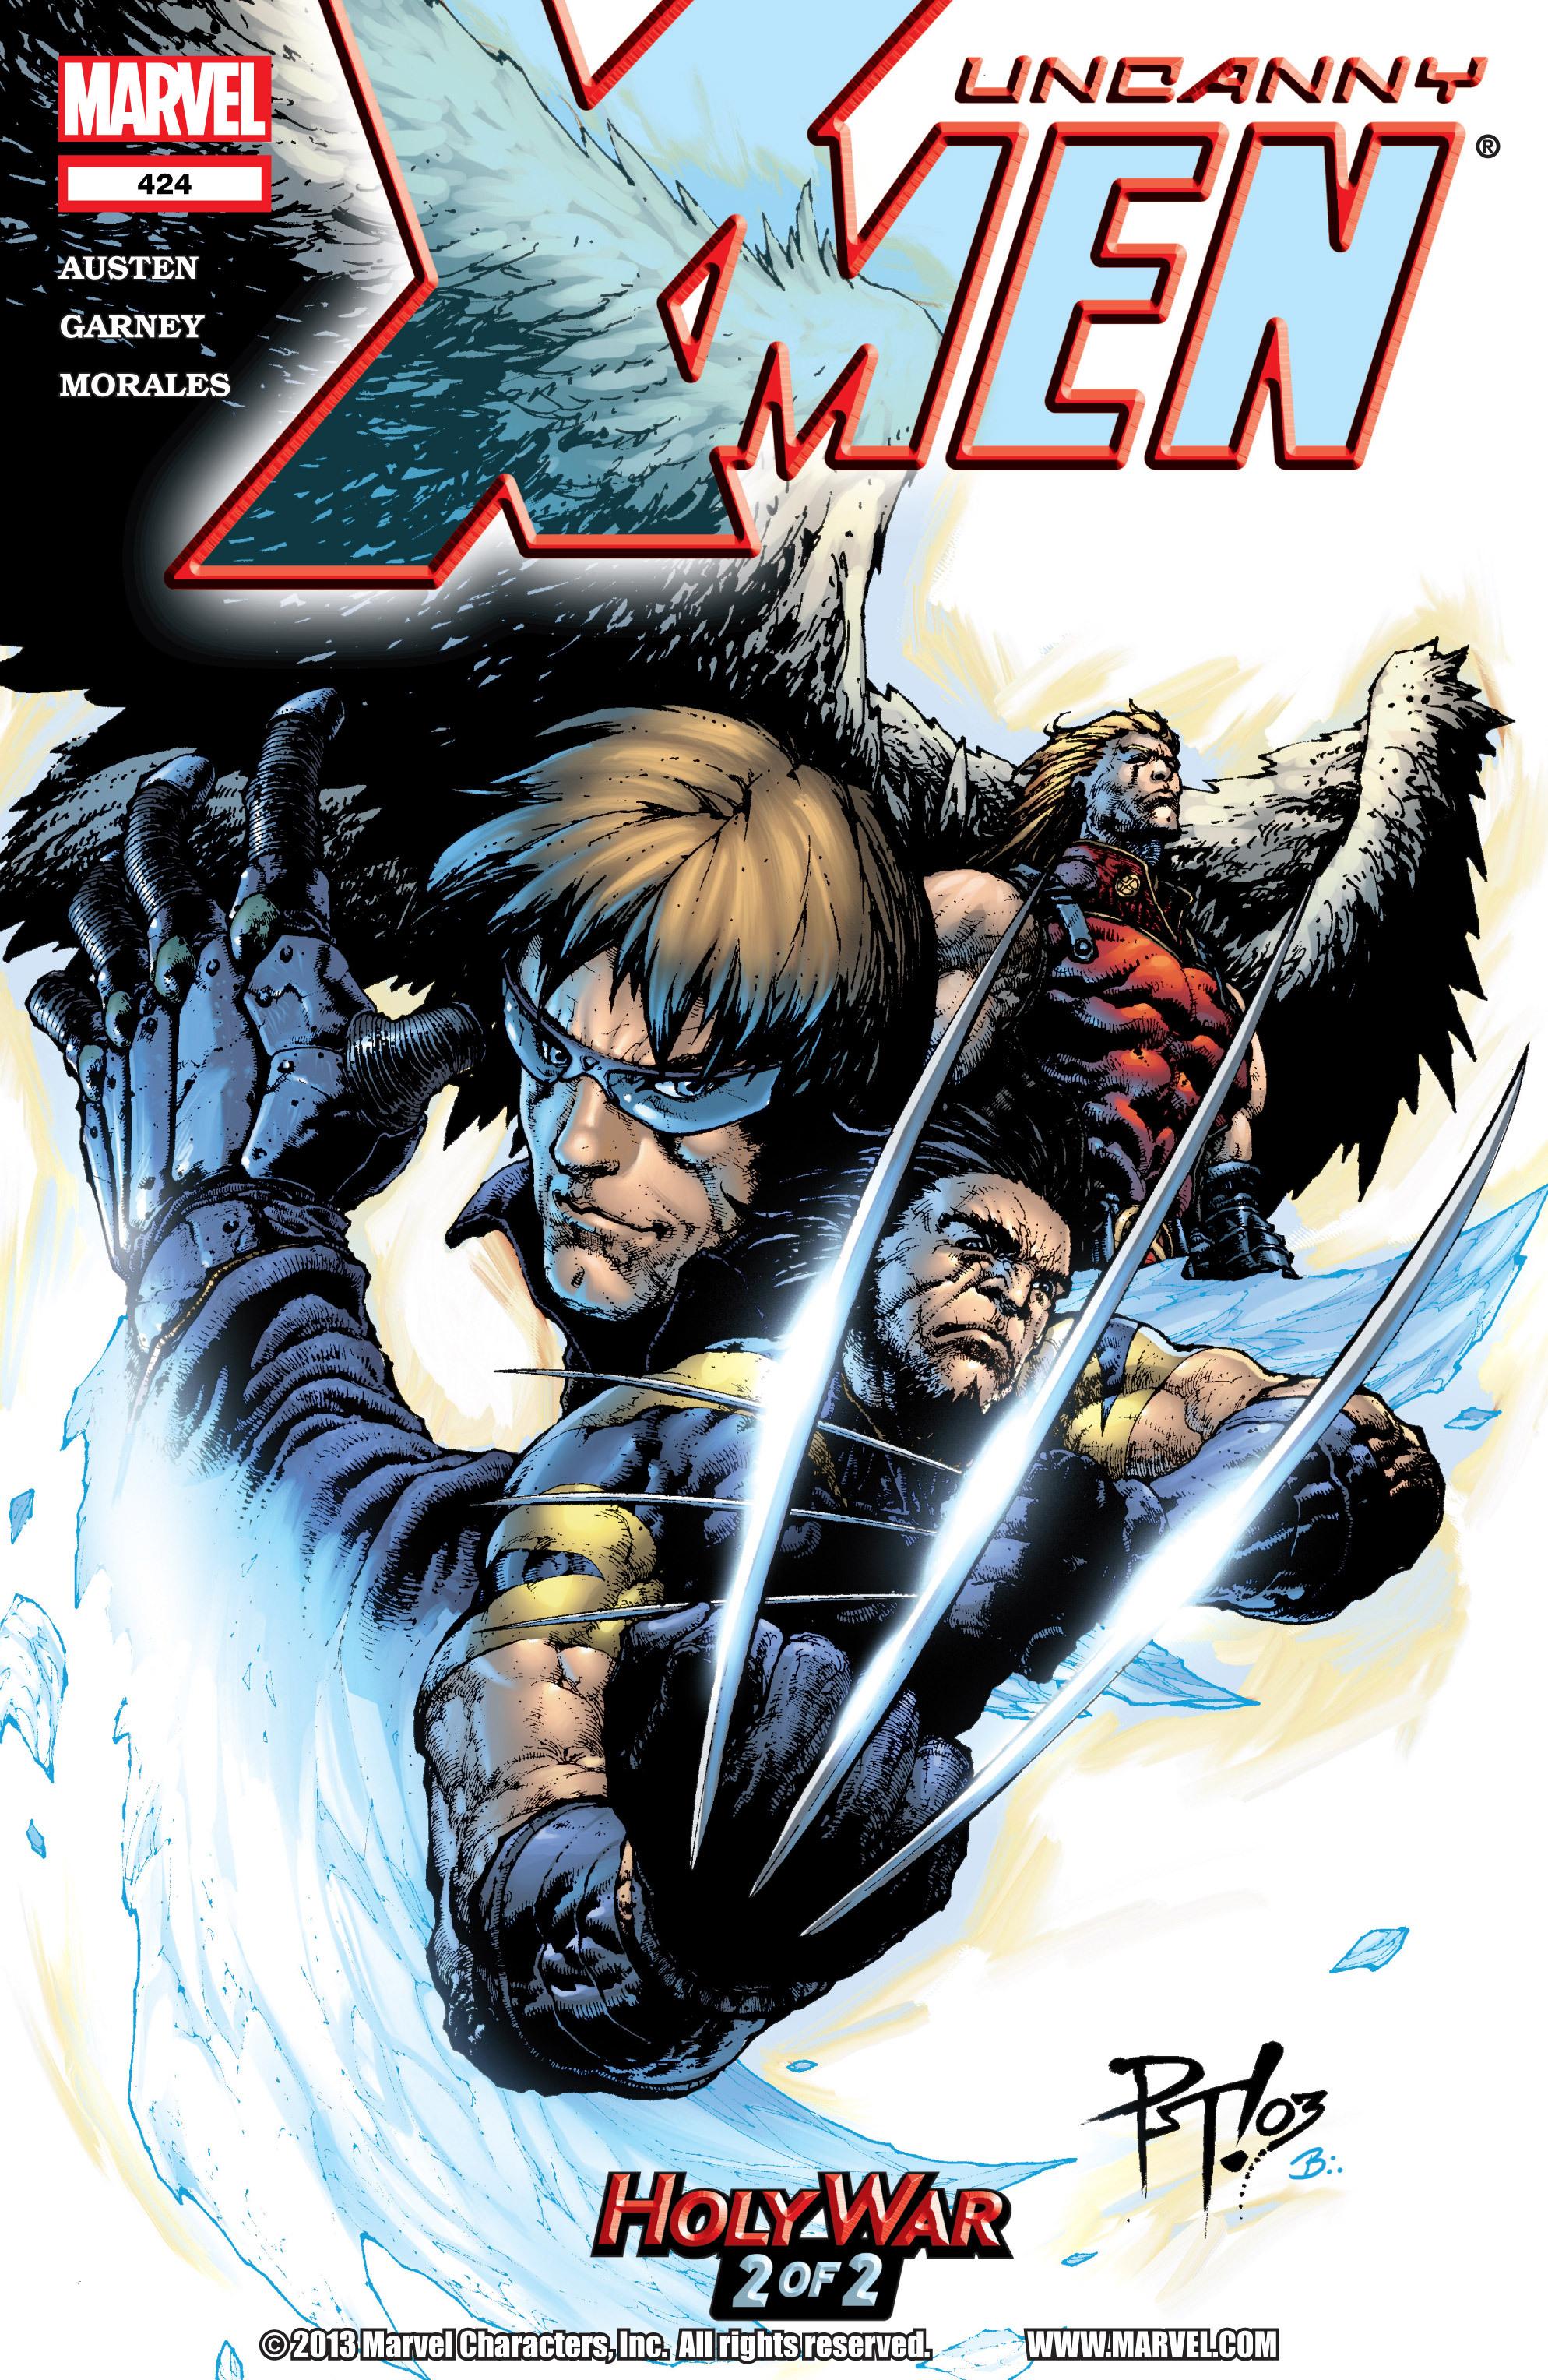 Read online Uncanny X-Men (1963) comic -  Issue #424 - 1